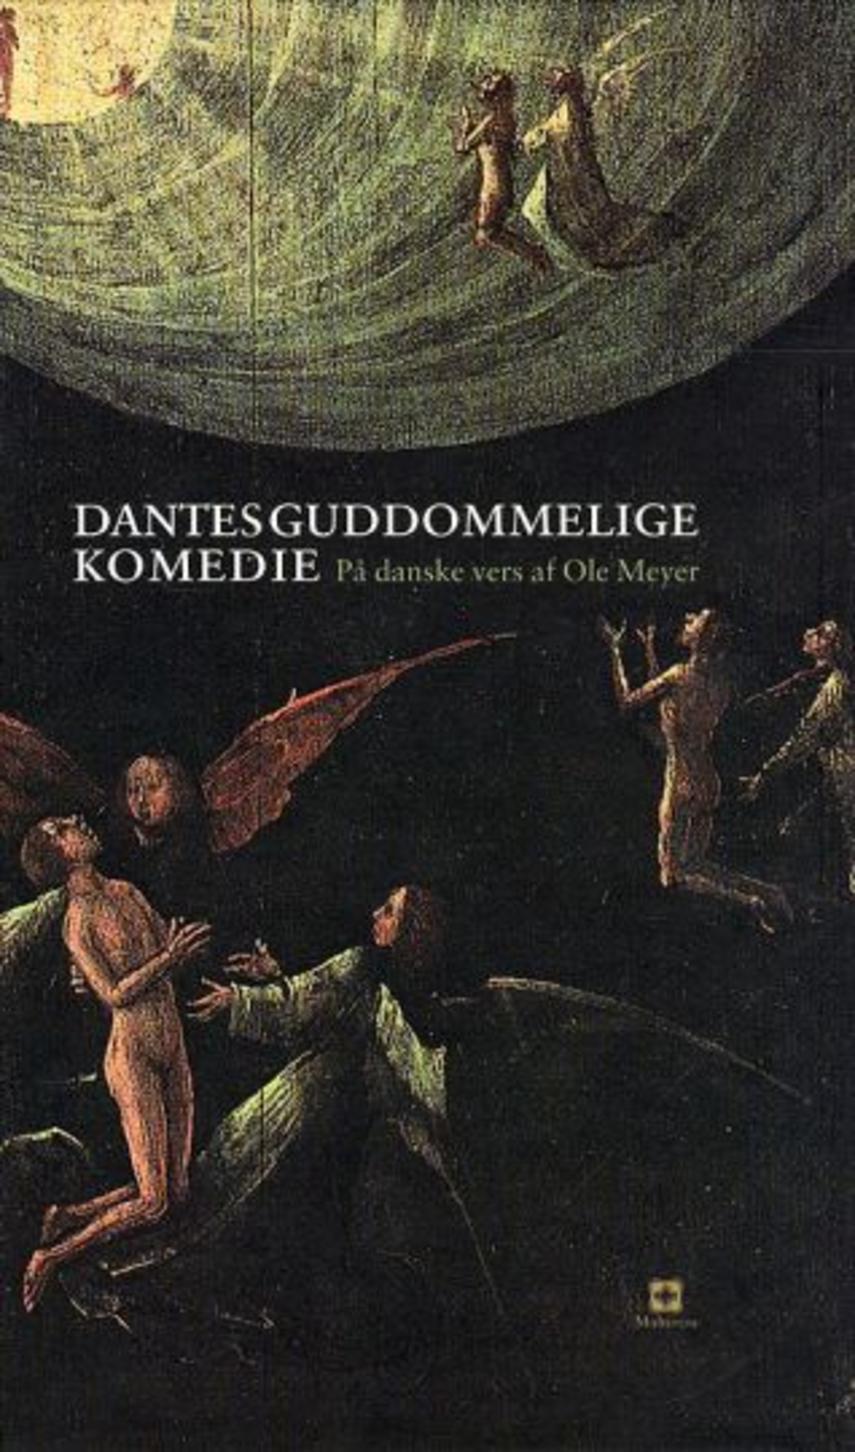 Dante Alighieri: Dantes guddommelige komedie